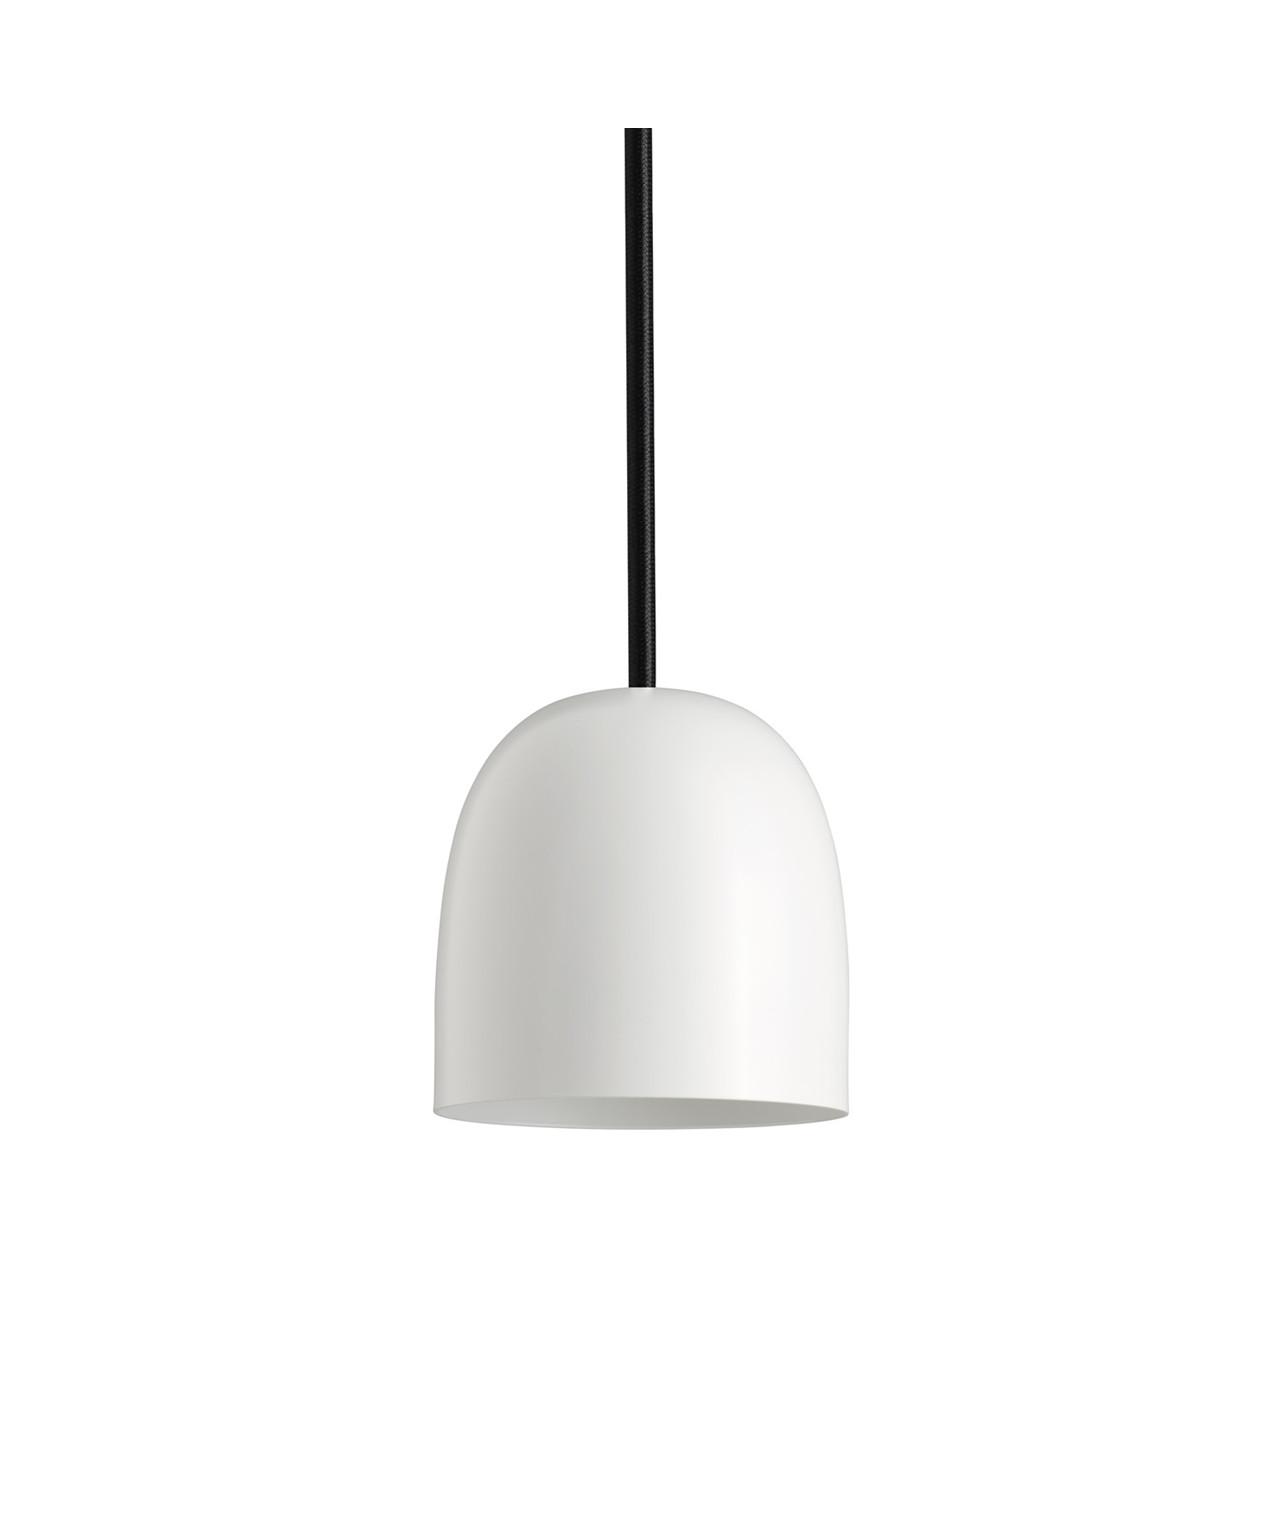 Design Piet Hein for Piet Hein Koncept Som sine brødre i SUPER-serien,erSUPER 115 lampenmed sit elegante design blevet en øjeblikkelig klassiker. Der er rig mulighed for at finde en pendel der passer i størrelsen samt vælge blandt skærme udført i både sort og hvid eller opaliseret glas i version 90 og 115. Derud over kan der leges med ledningerne som kan vælges i henholdsvis sort, hvid eller rød stof-ledning. Med sit enkle men stadig yderst raffinerede udseende vil SUPER 115 pendlen fra Piet Hein være en kærkommen kilde til belysning alle steder i boligen. En enkelt og elegant pendel der kan bruges i mange sammenhænge, hvor der i kraft af valget mellem flere størrelser samt tre farver ledninger er mulighed for leg med form og farve.